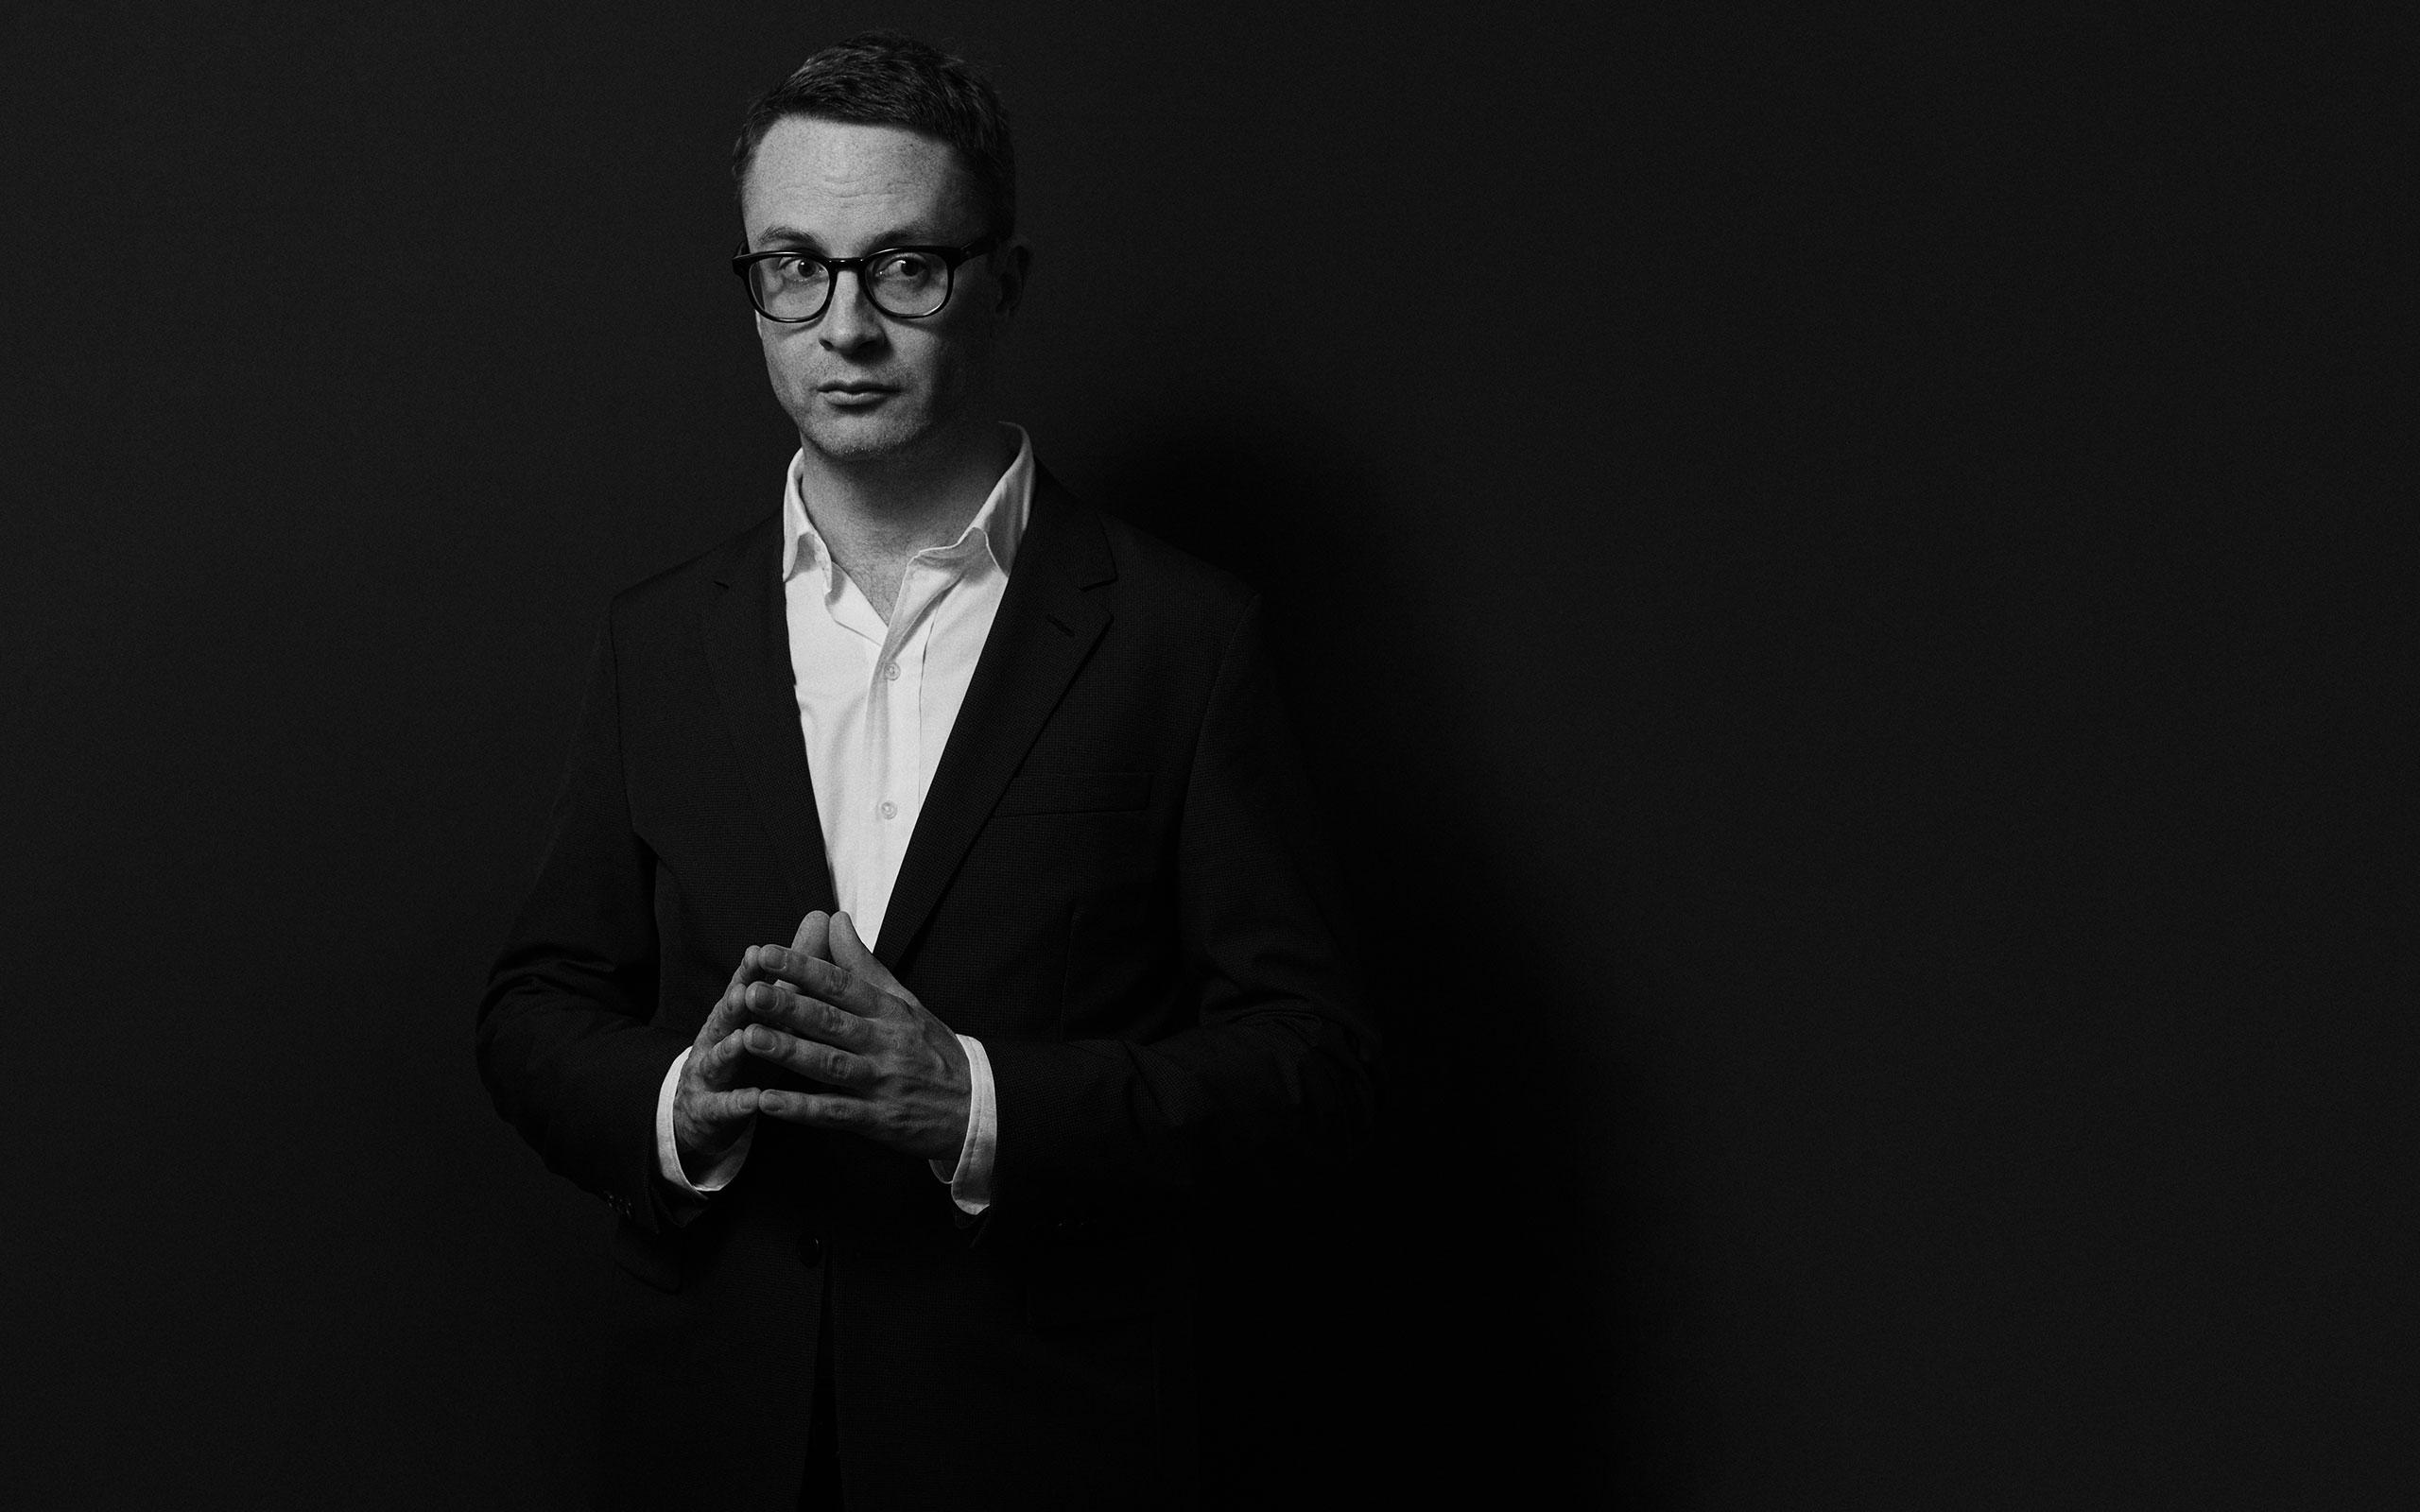 """【インタビュー】""""美""""と""""肉体""""への衝動を描くデンマークの鬼才、ニコラス・ウィンディング・レフン監督による新作『ネオン・デーモン』"""